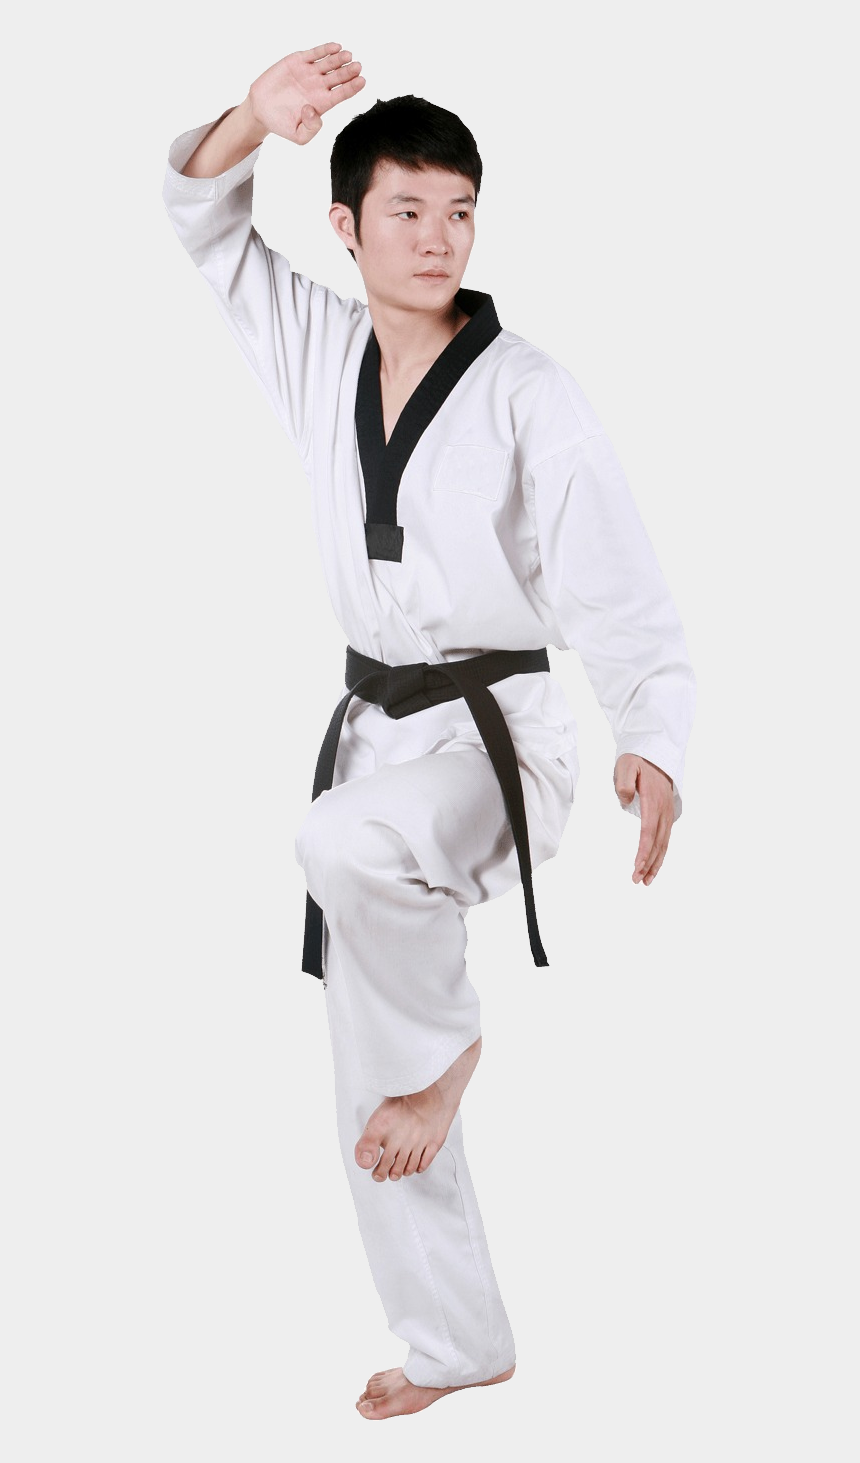 taekwondo clip art, Cartoons - Taekwondo Png - Taekwondo Wtf Foto Png